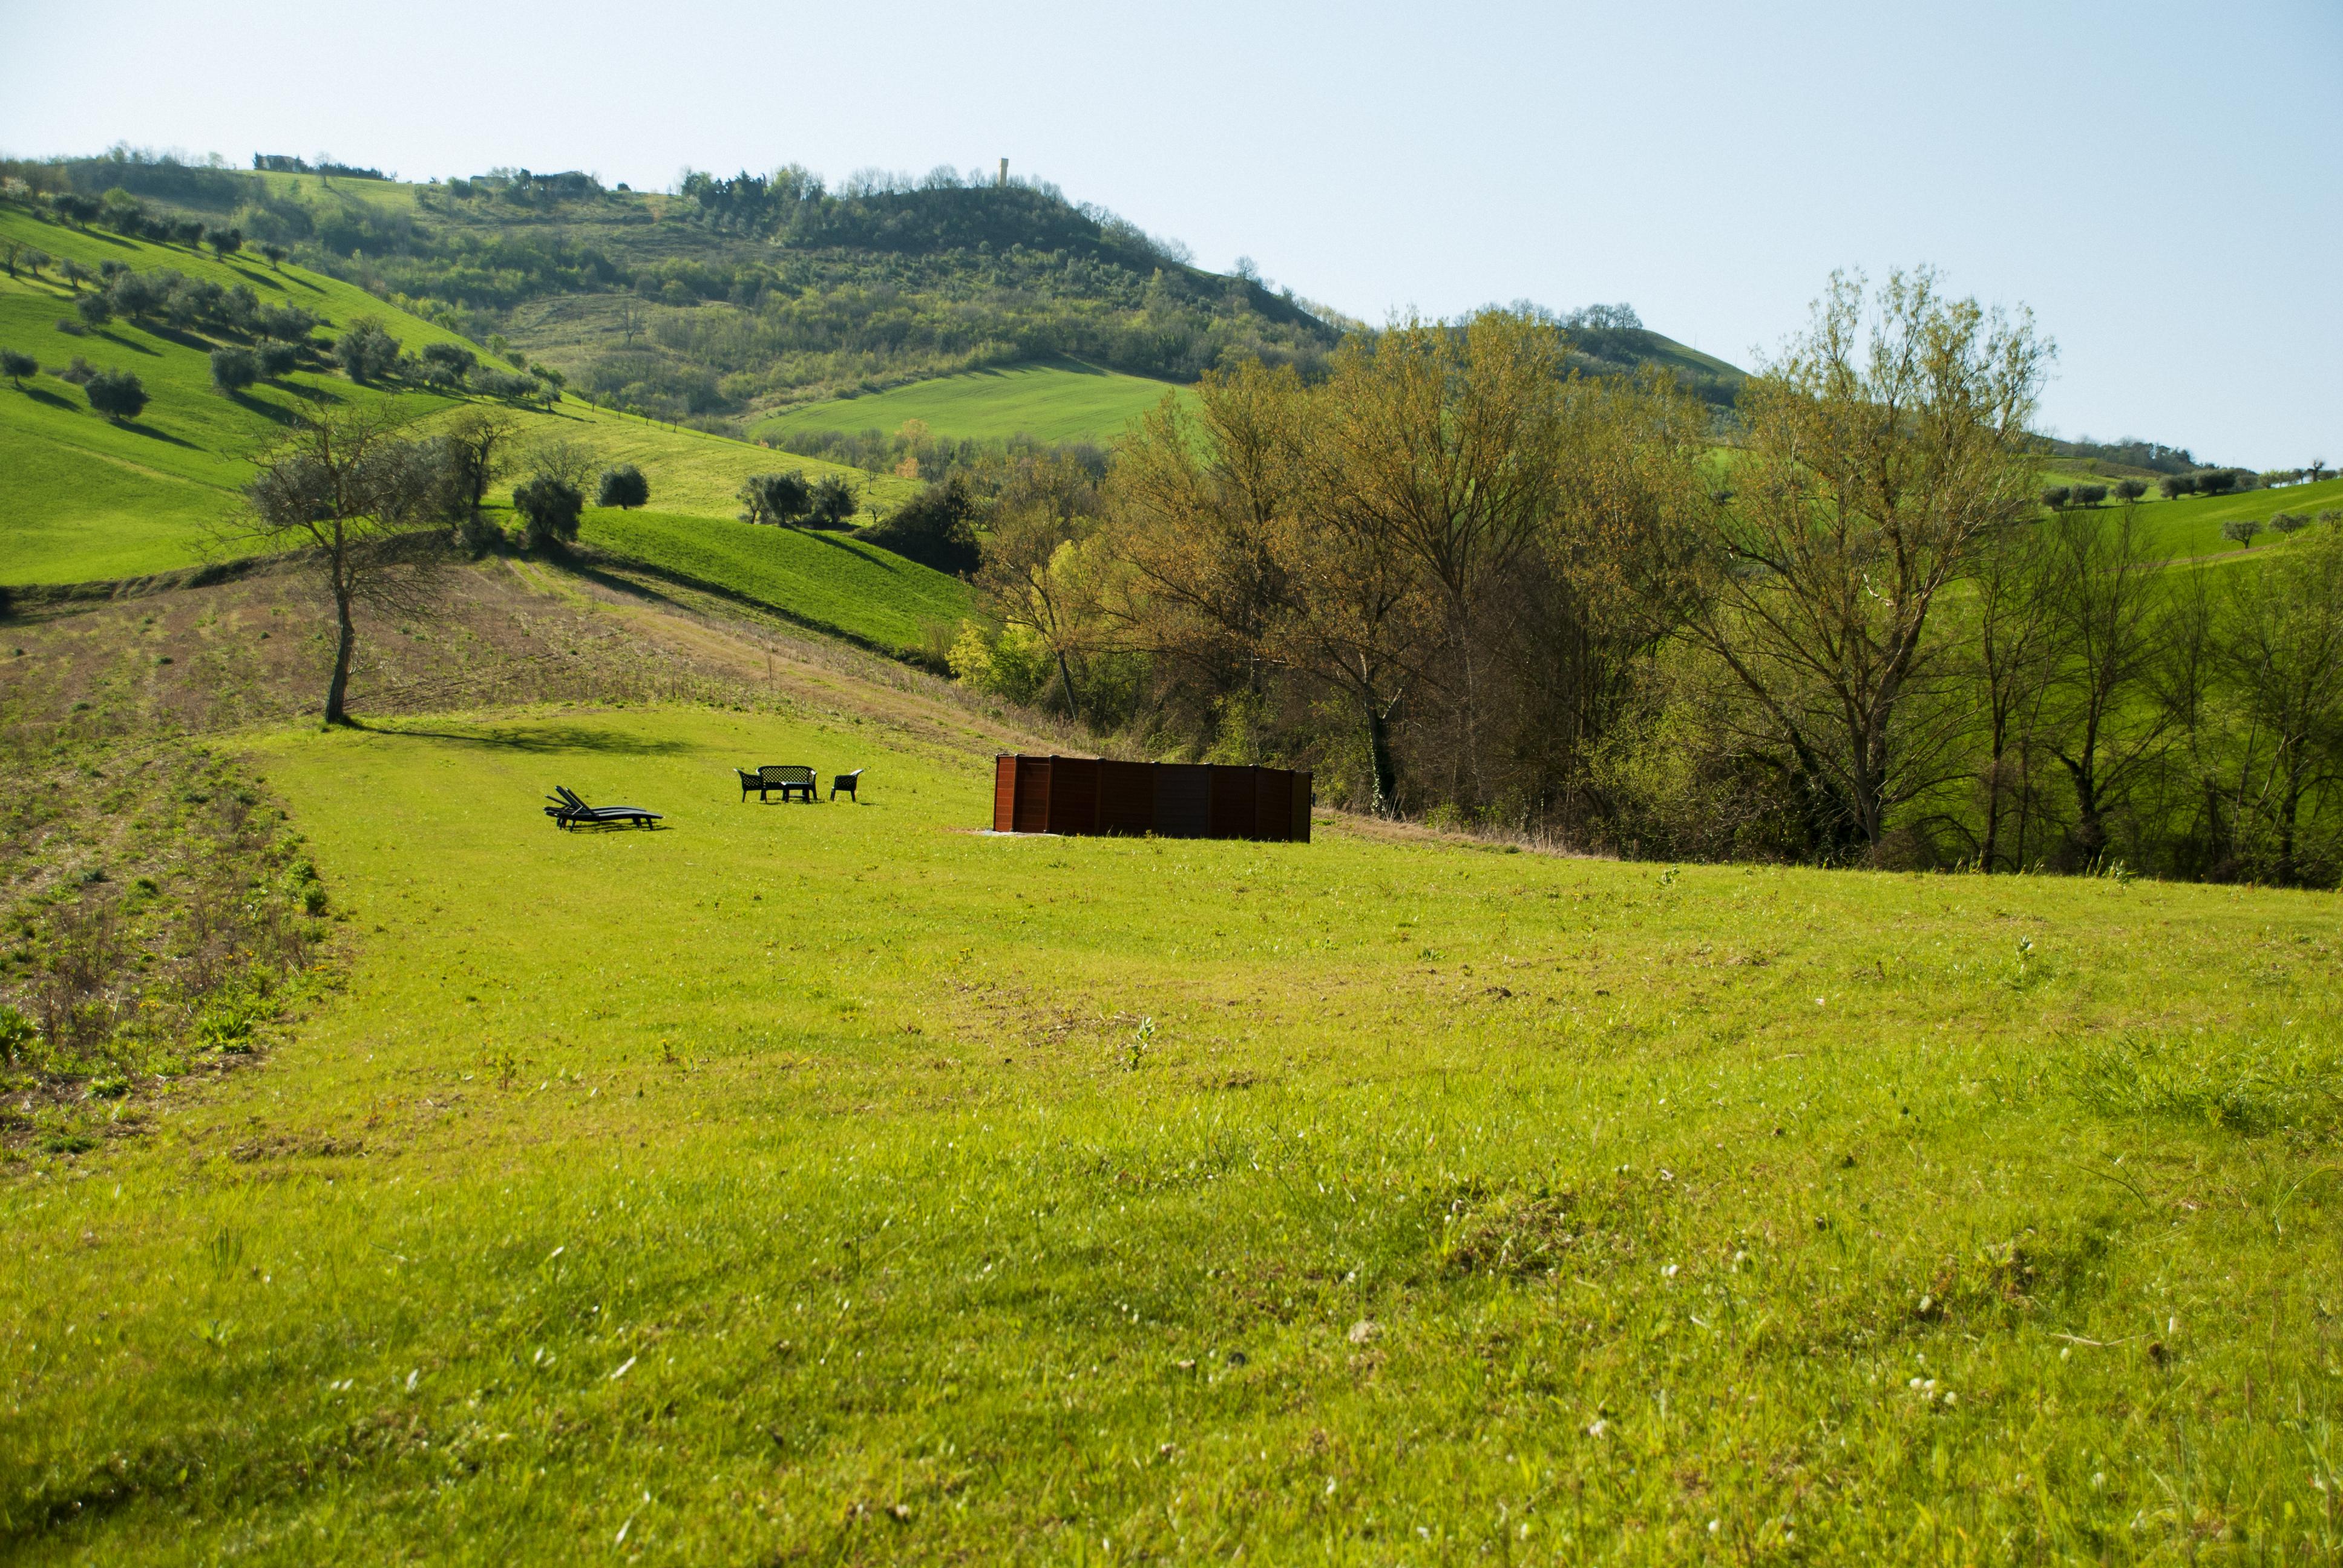 Ferienwohnung Il Casale di Giovanna - Lavender (2124914), San Venanzo, Ascoli Piceno, Marken, Italien, Bild 6